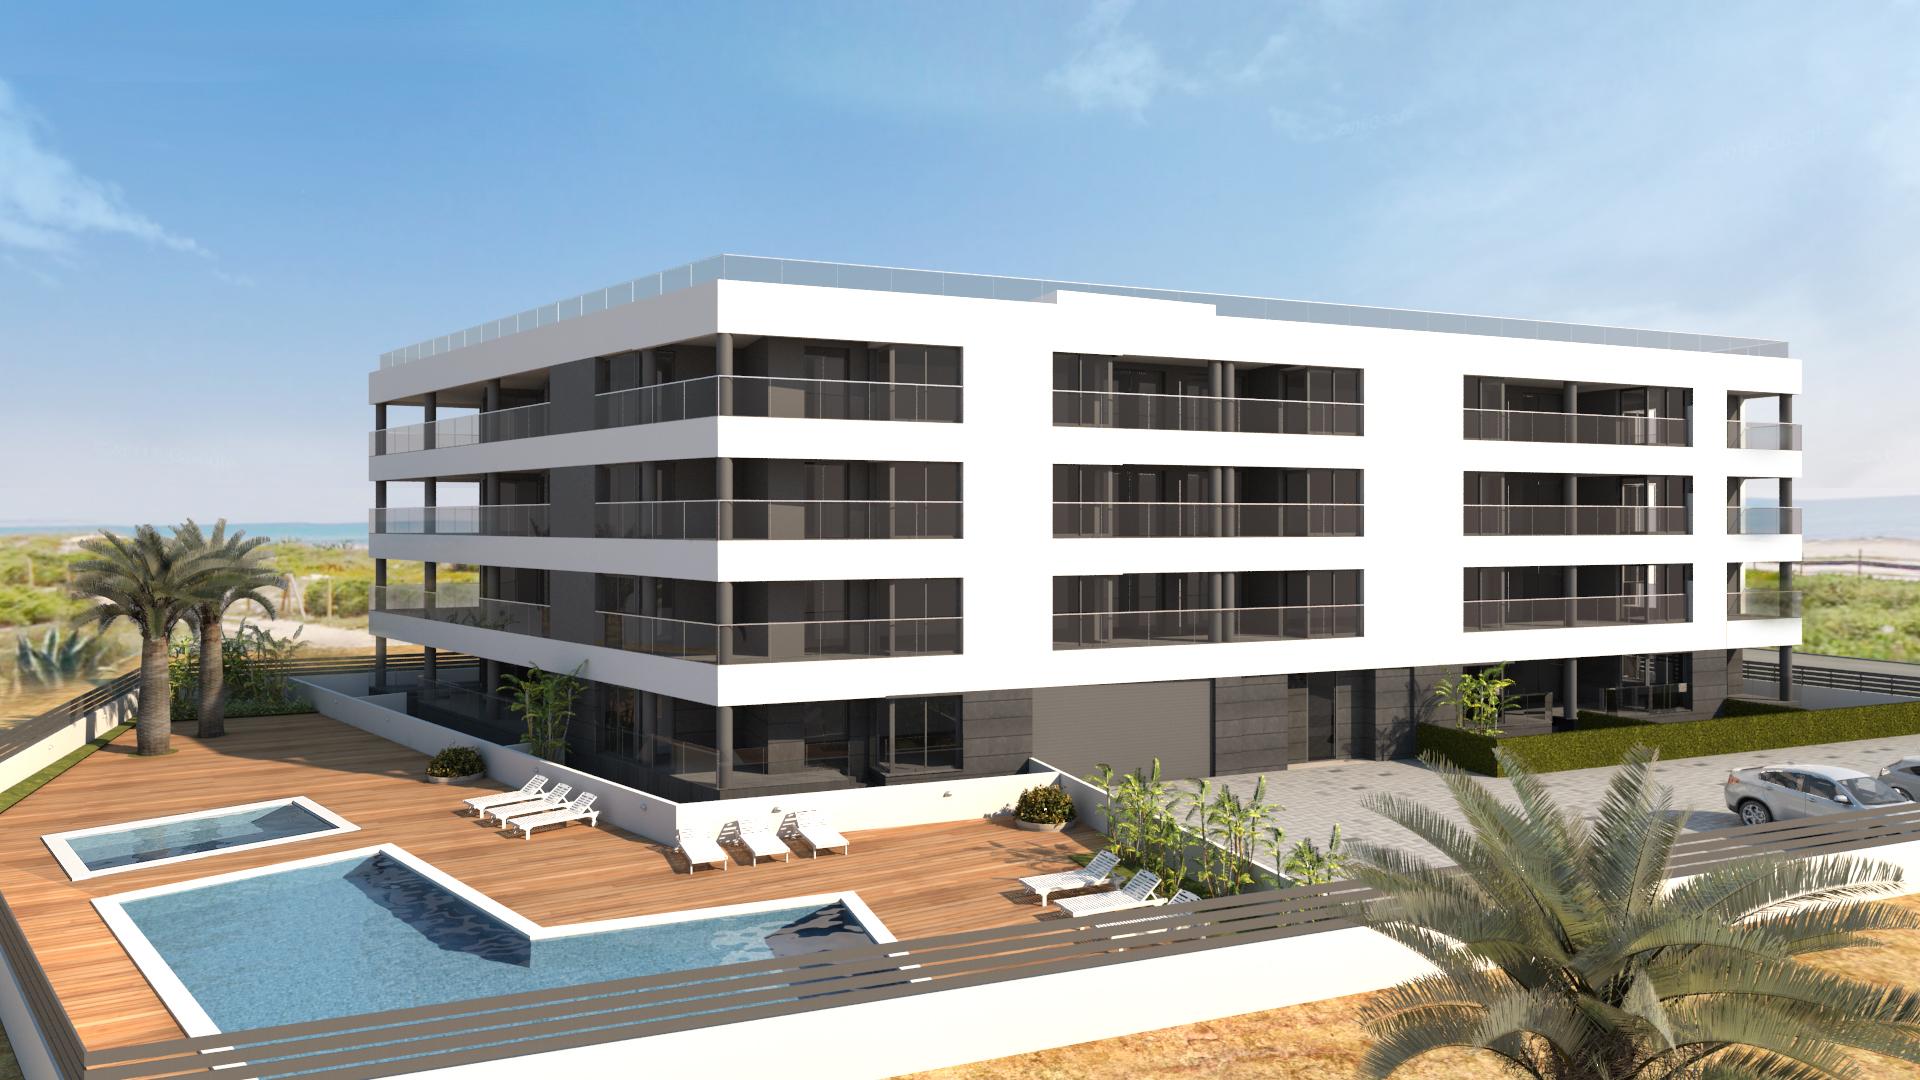 Appartement 3 Zimmer, 2 Bäder, Pool, 50 Meter vom Strand Entfernt